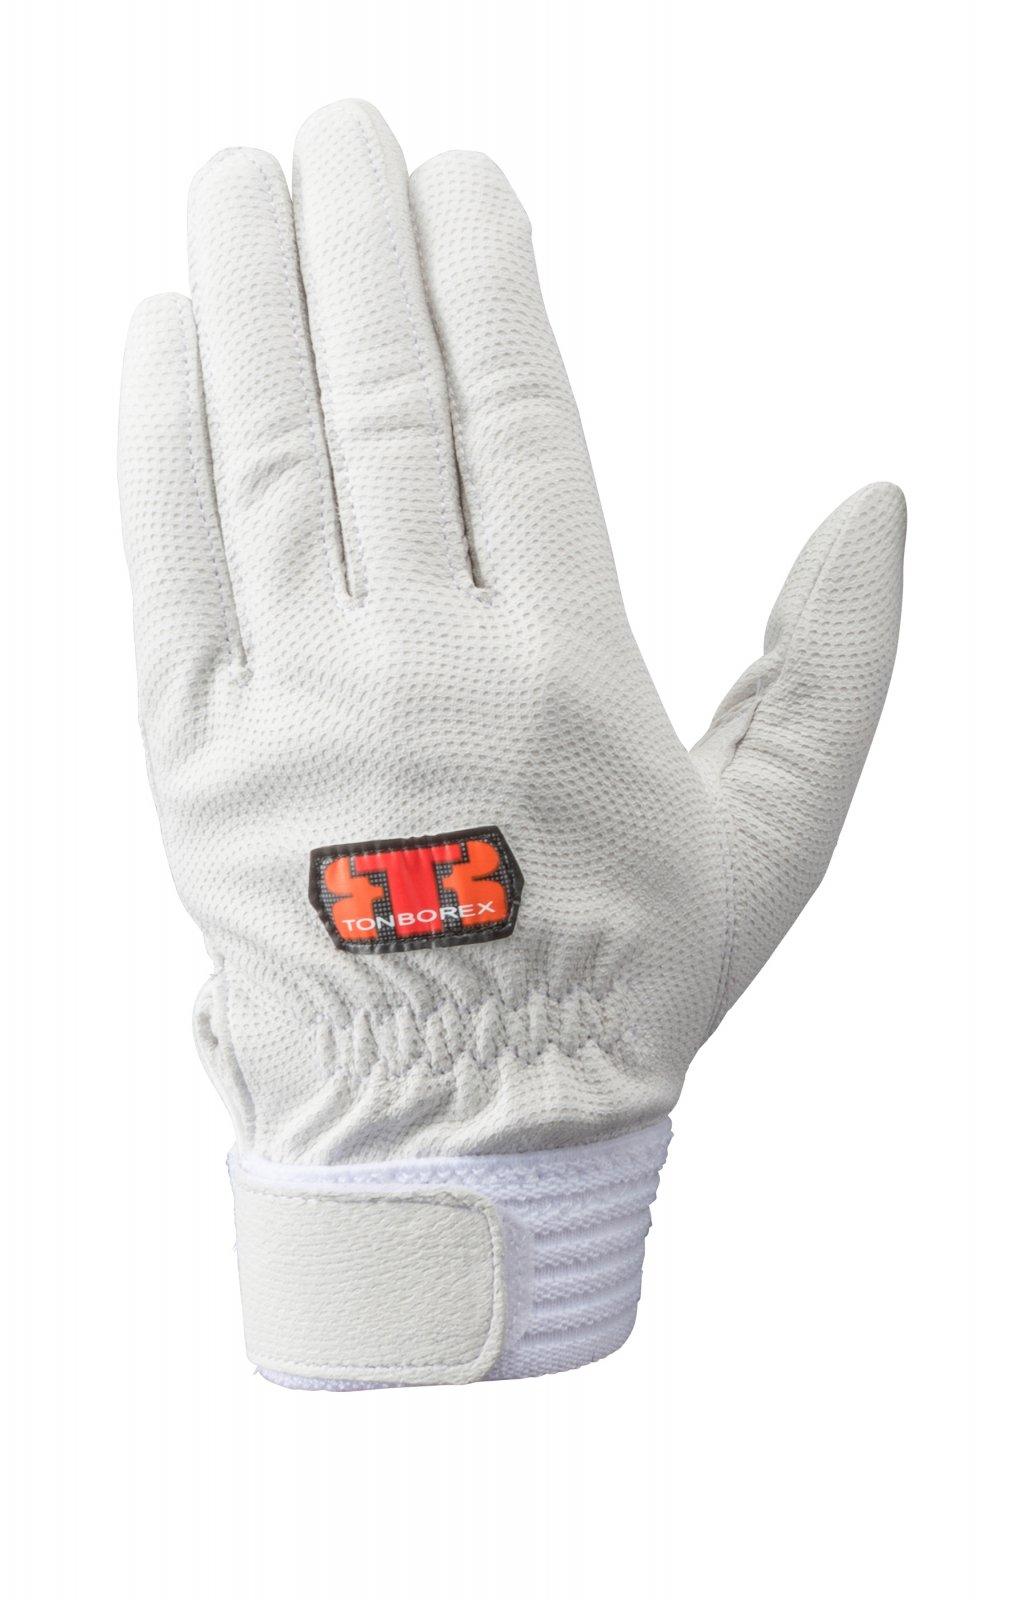 トンボレックス R-MAX1W-DN 羊革デジタルヌバック手袋 【画像2】